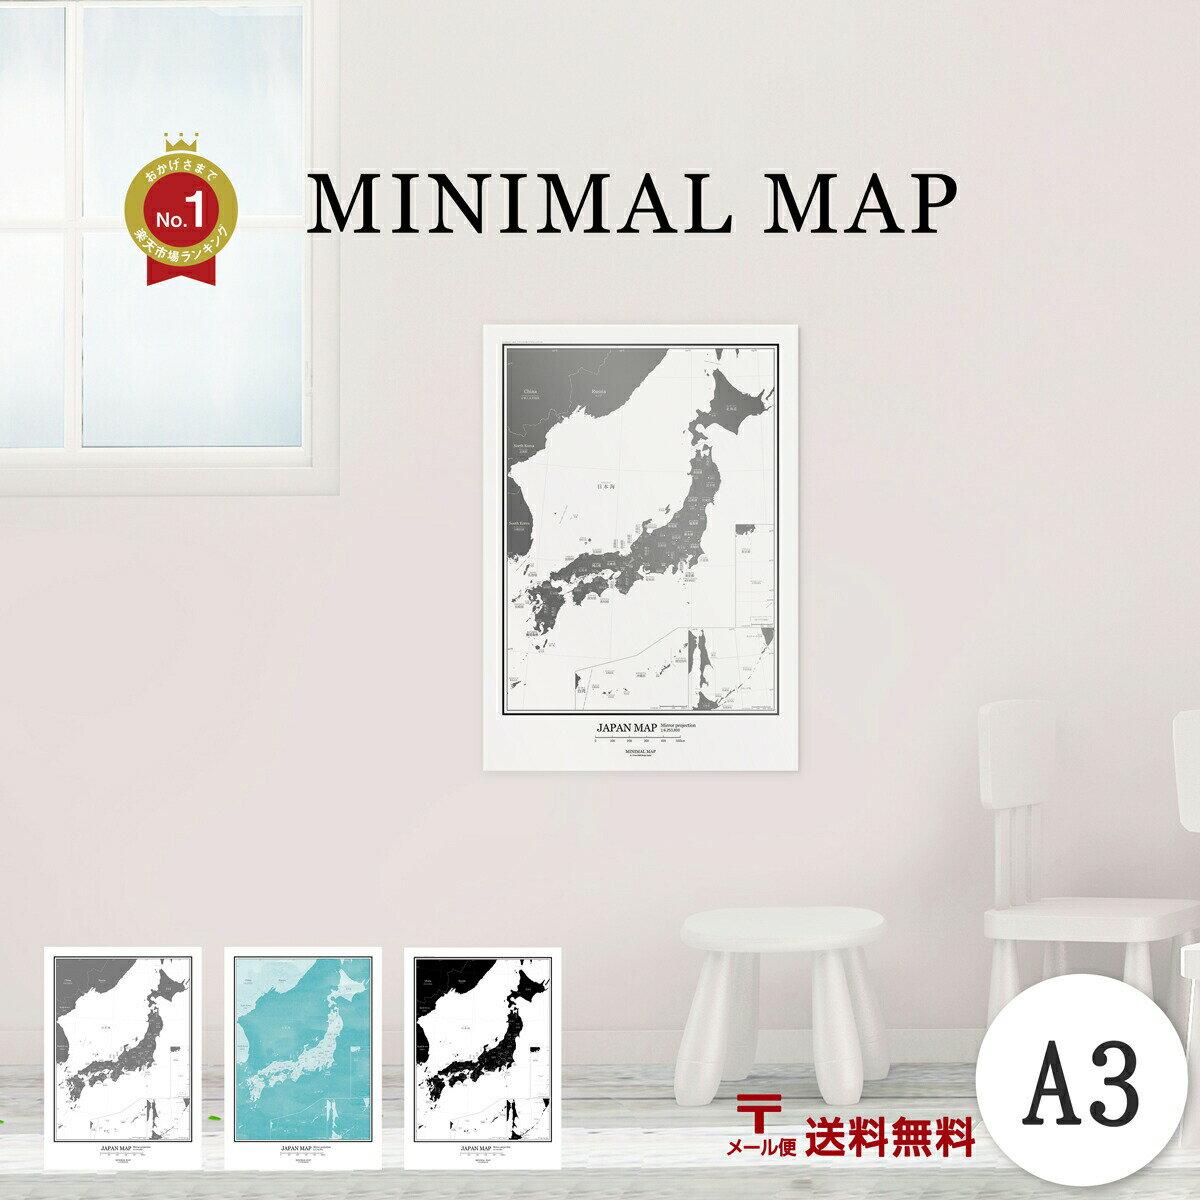 【3倍+2倍】日本地図 A3 グレー ブラック 水彩ブルーグリーン ポスター インテリア おしゃれ 小学生 こども わかりやすい 都道府県ミニマルマップ Zoom背景 テレワーク オンライン cpy